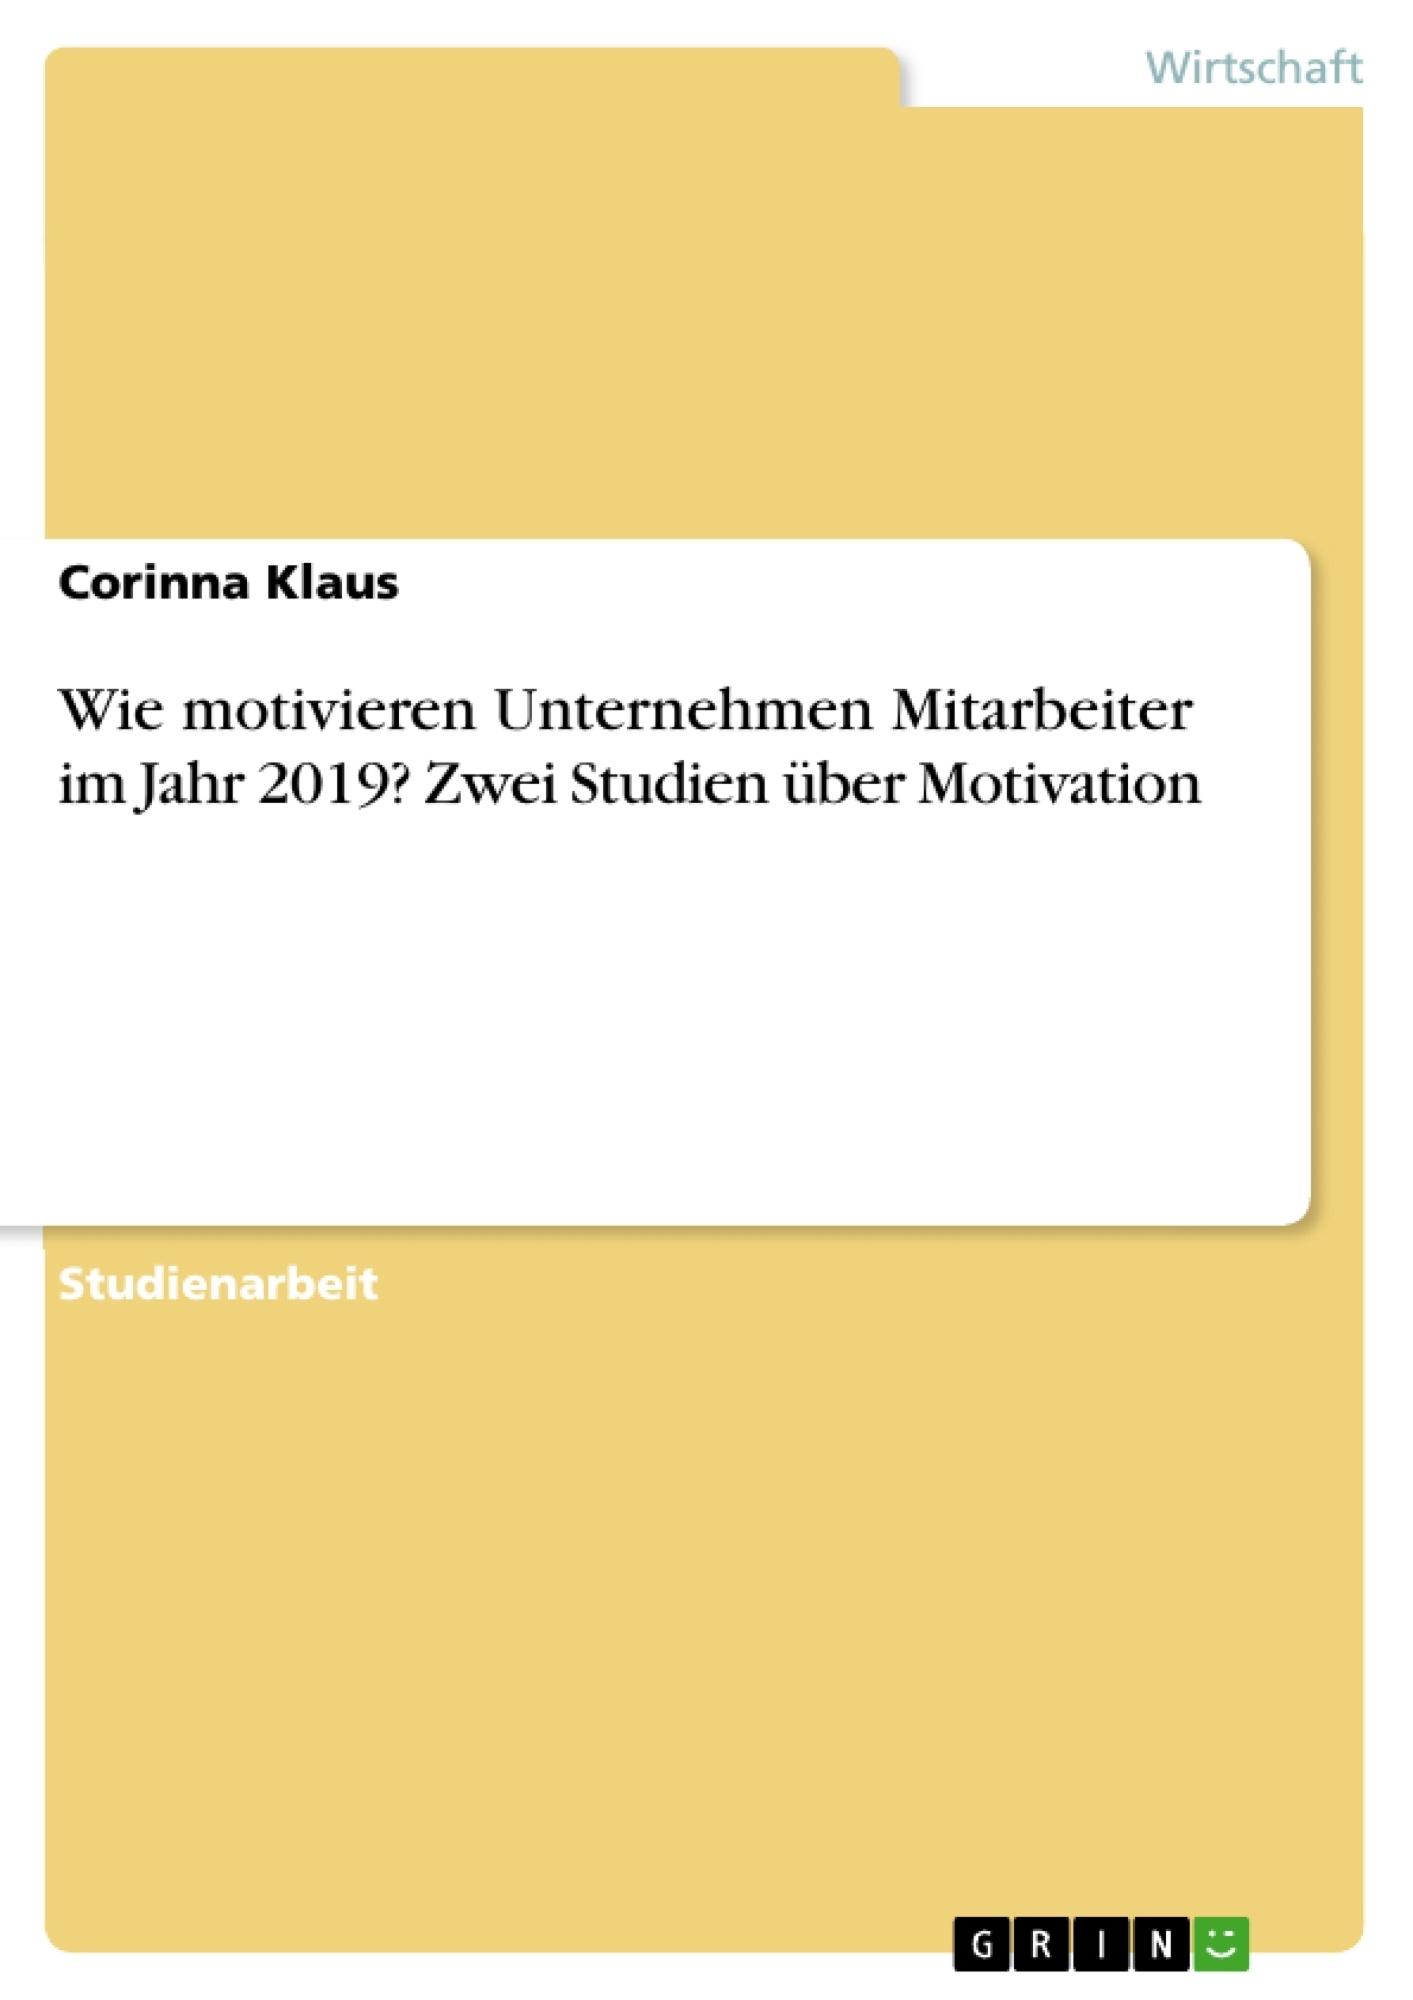 Titel: Wie motivieren Unternehmen Mitarbeiter im Jahr 2019? Zwei Studien über Motivation